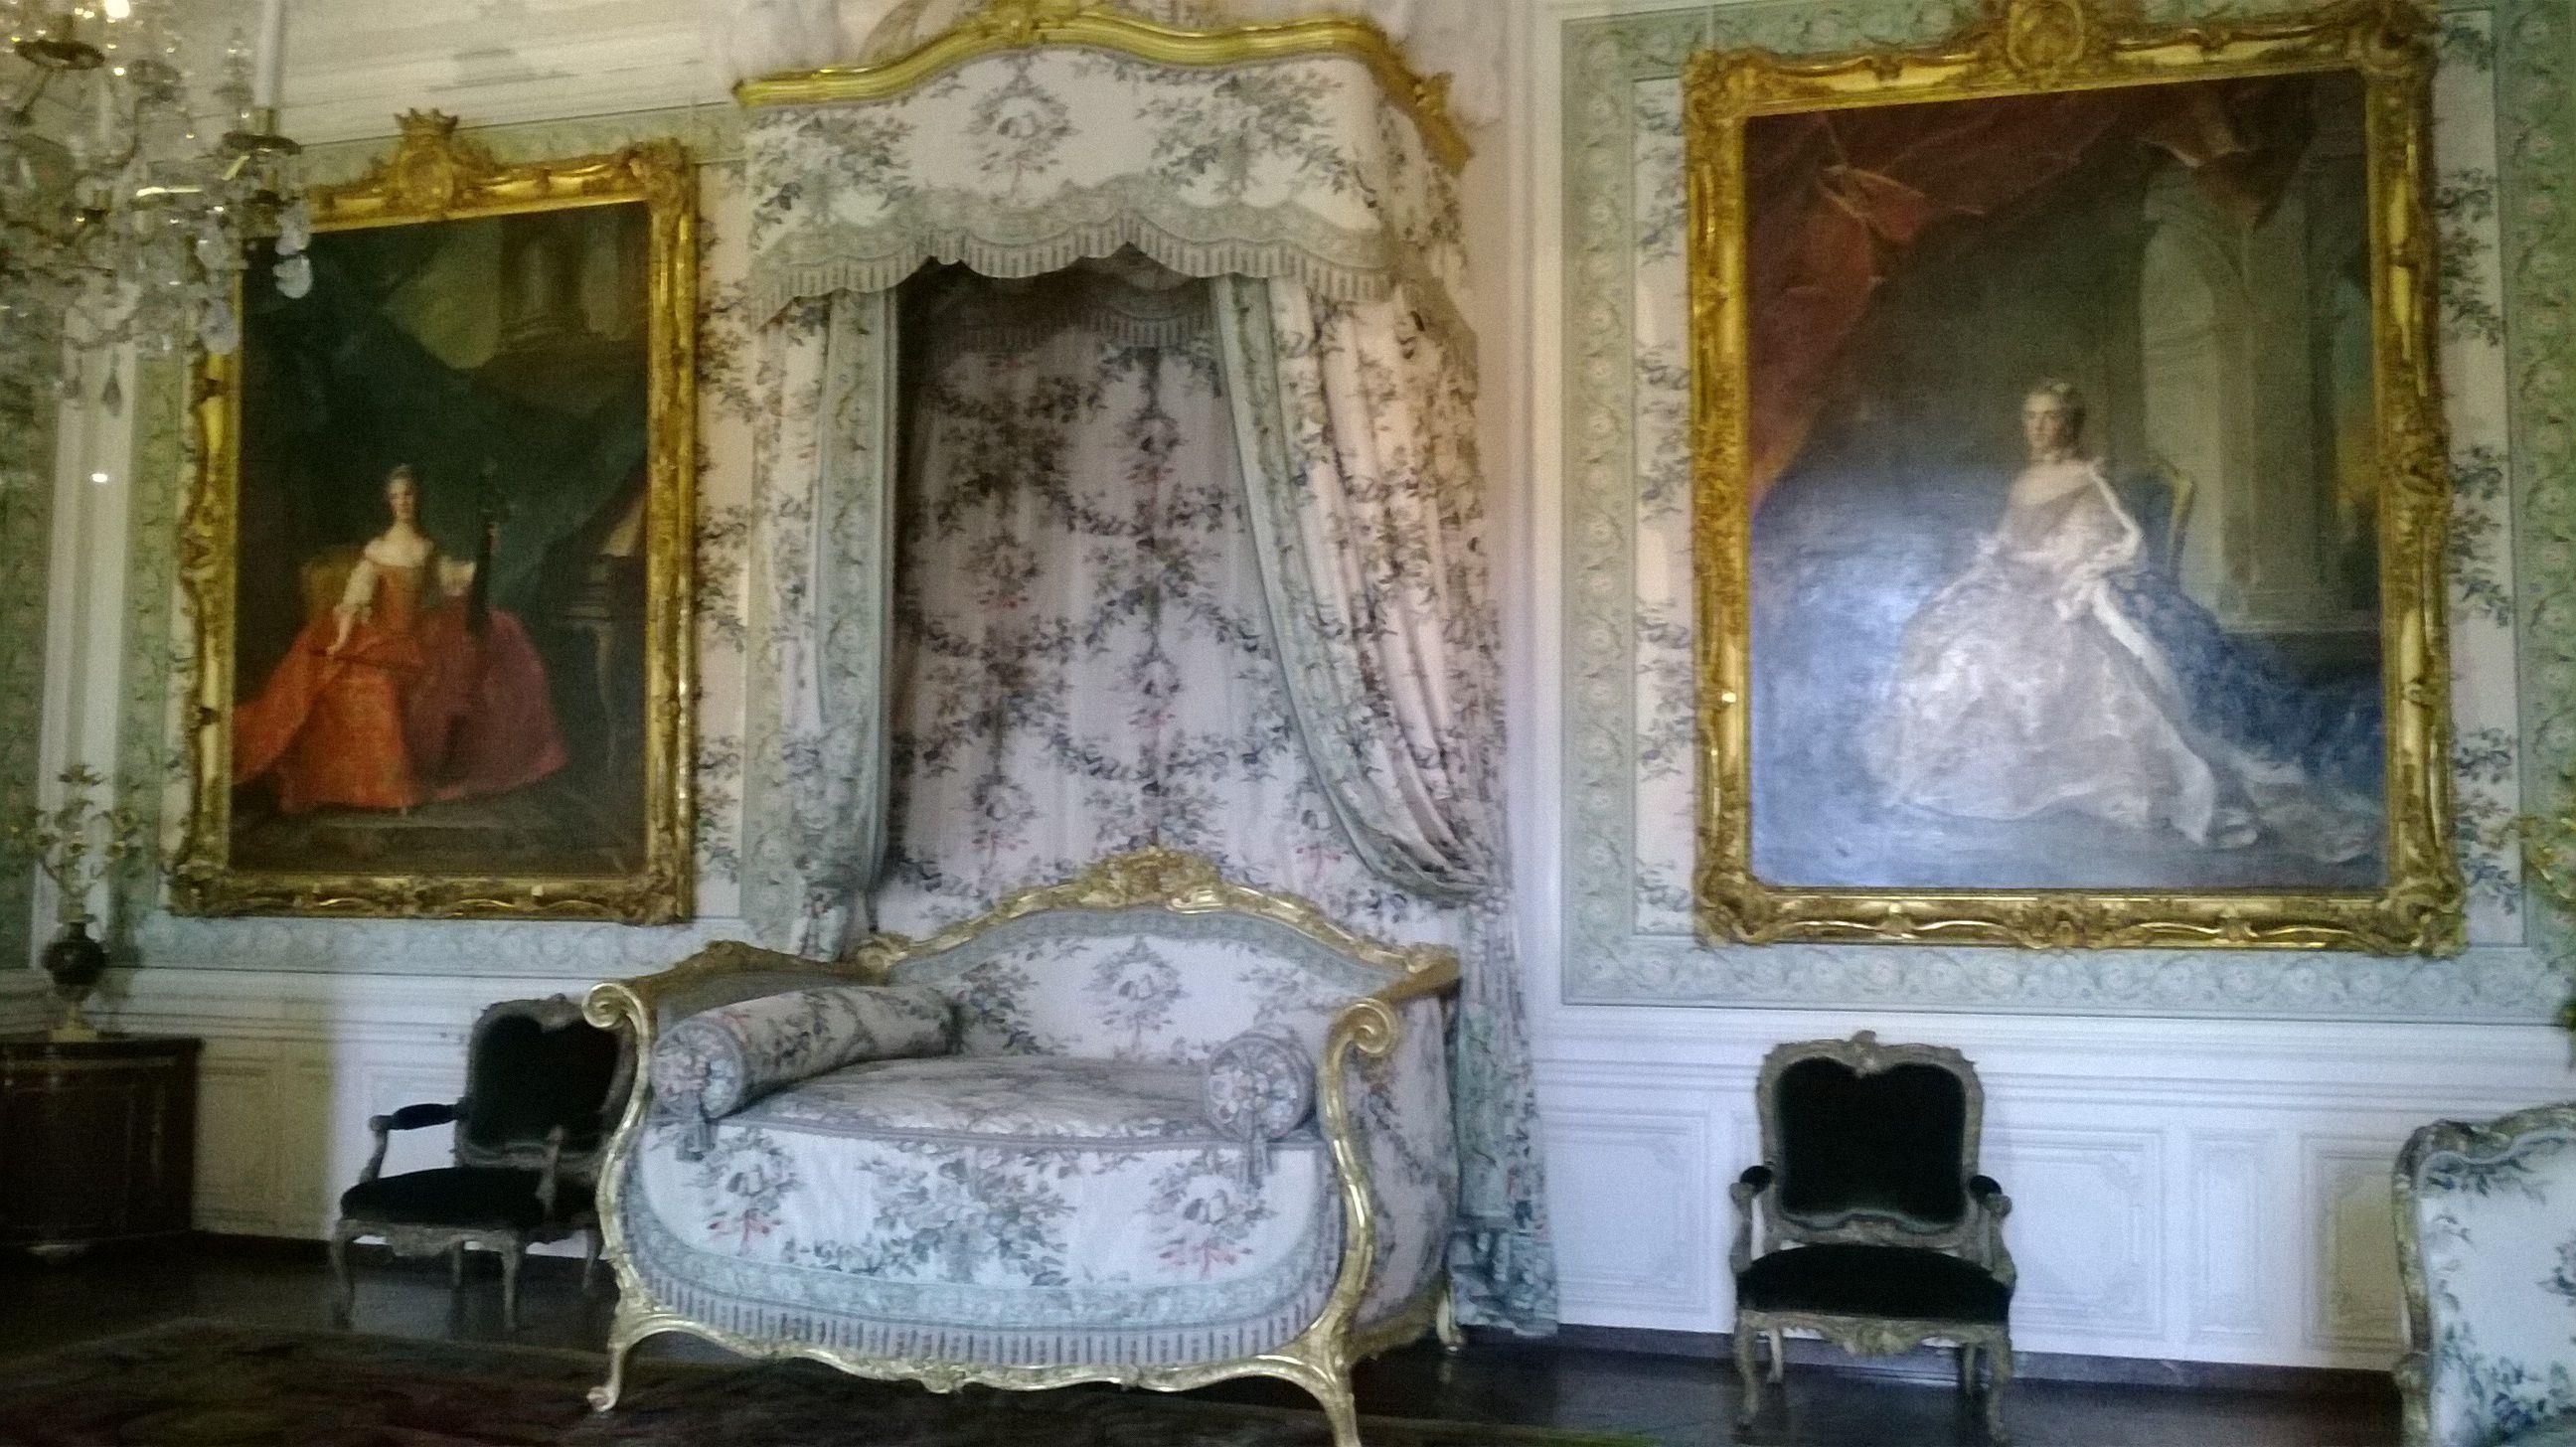 Chambre de Madame Victoire, château de Versailles | Home decor, Decor,  Versailles